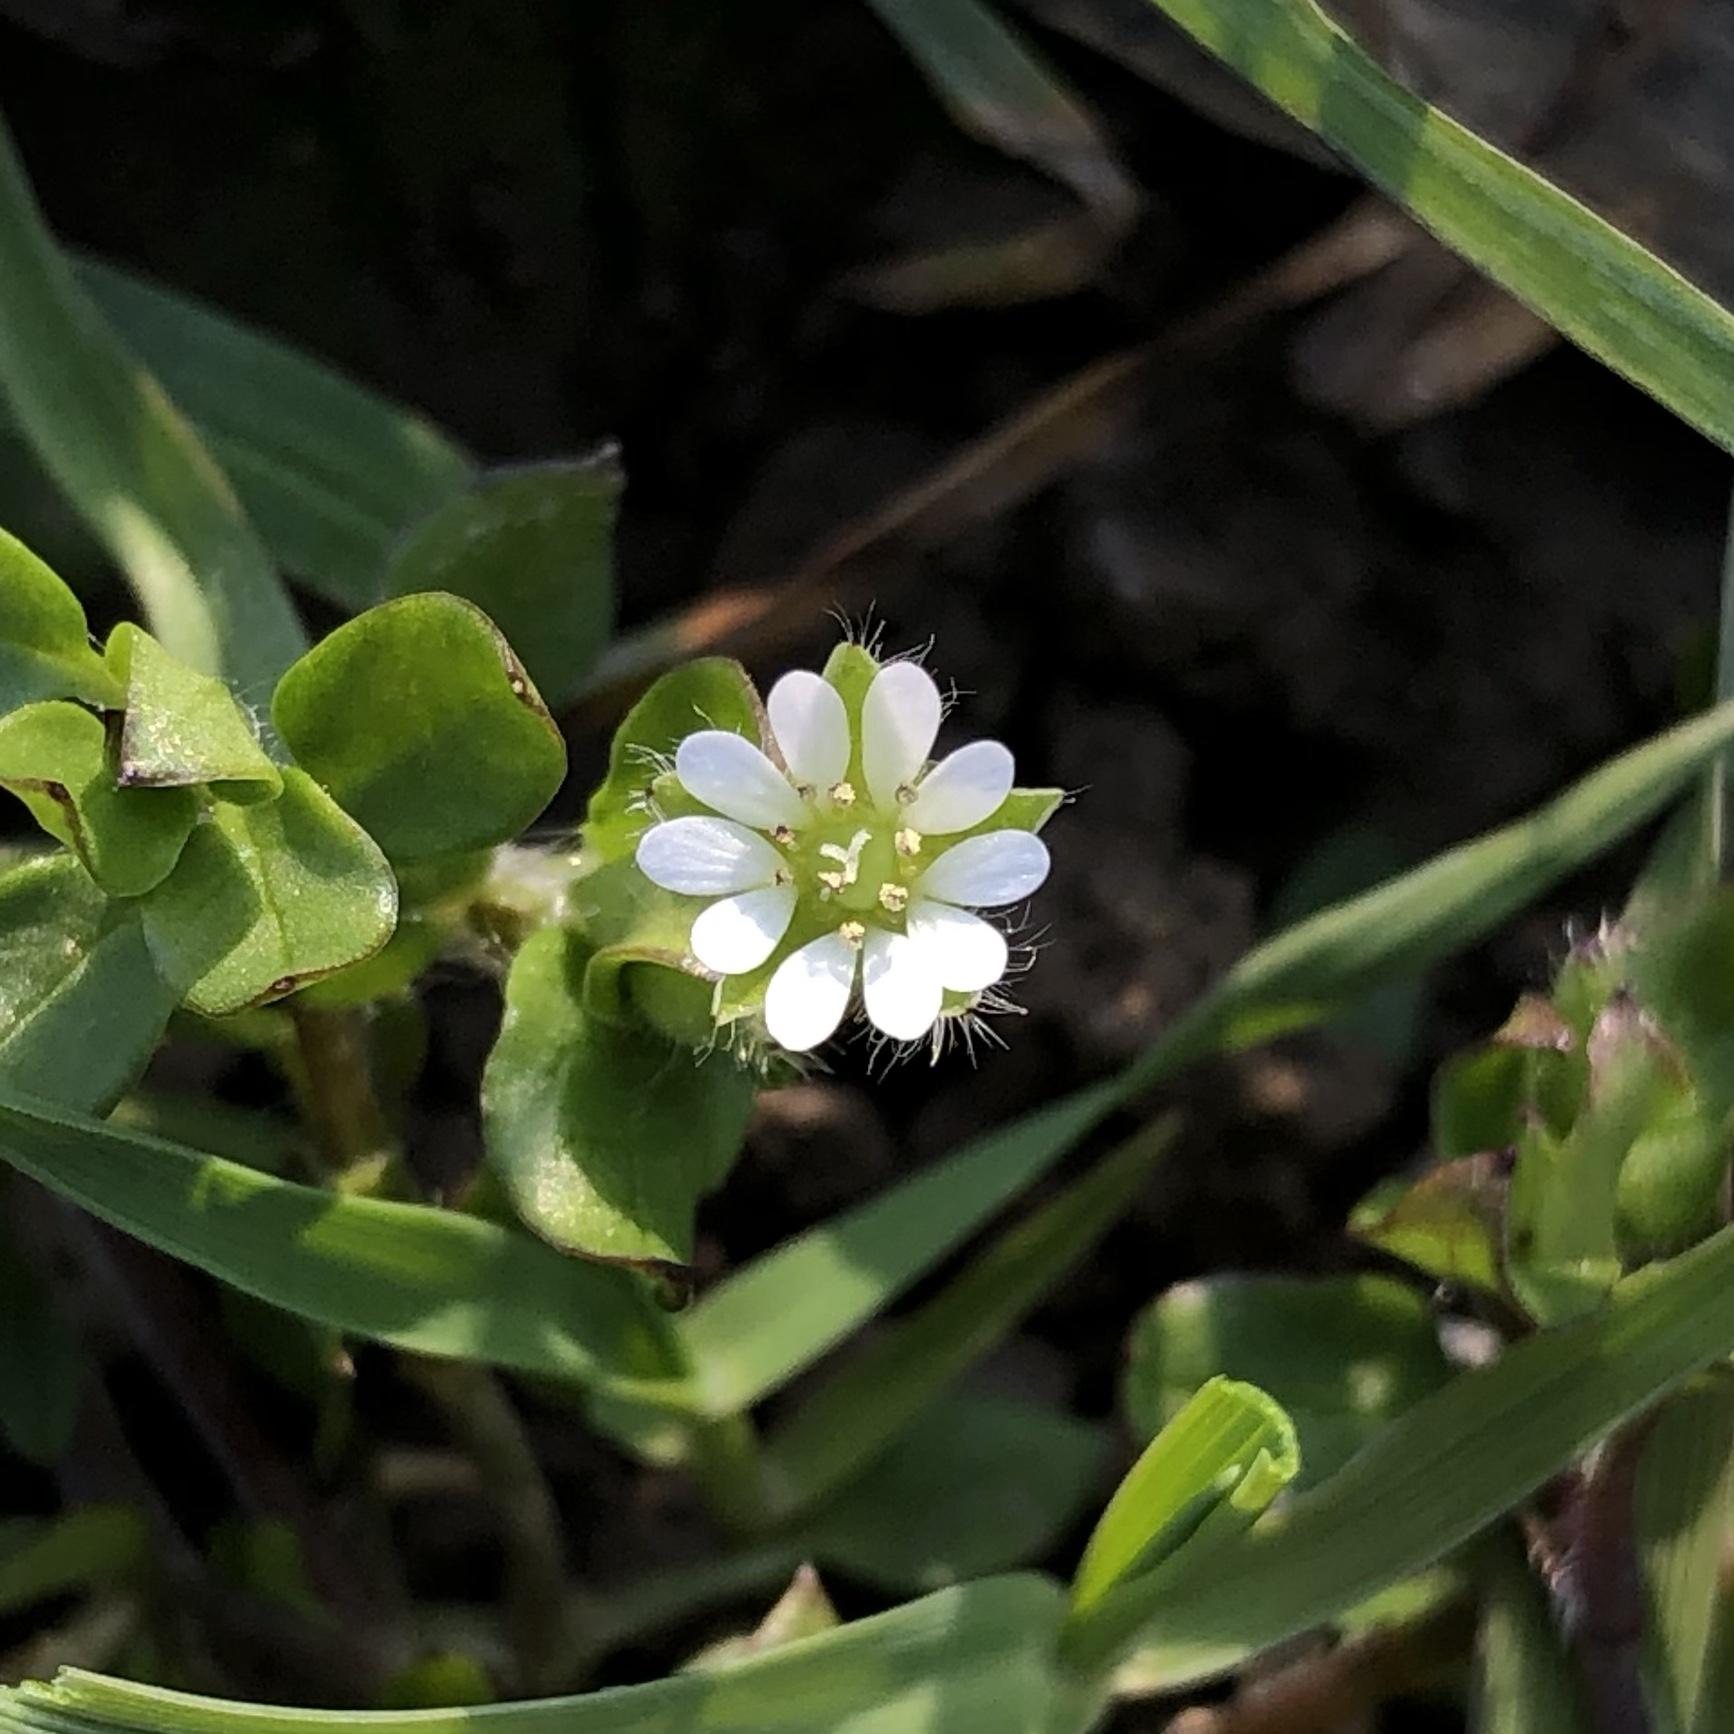 Kleine weisse Blüte der Vogelmiere, so stark vergrössert, dass Häärchen sm Blüternrand sichtbar sind.